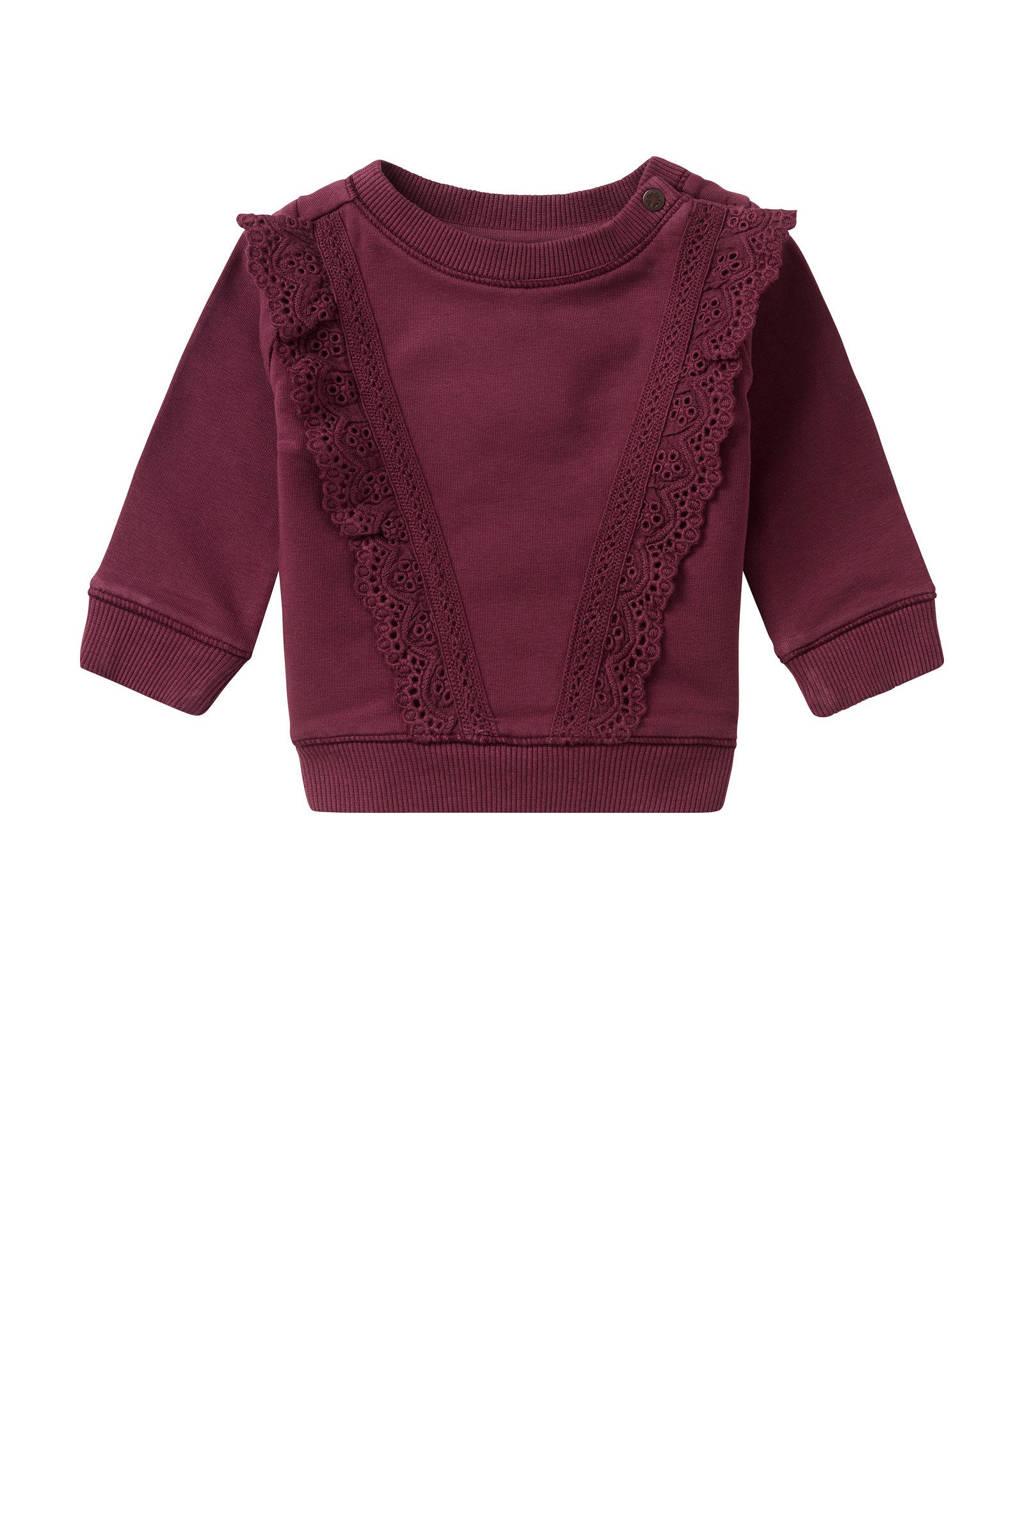 Noppies baby sweater Barbeton met kant donkerrood, Donkerrood